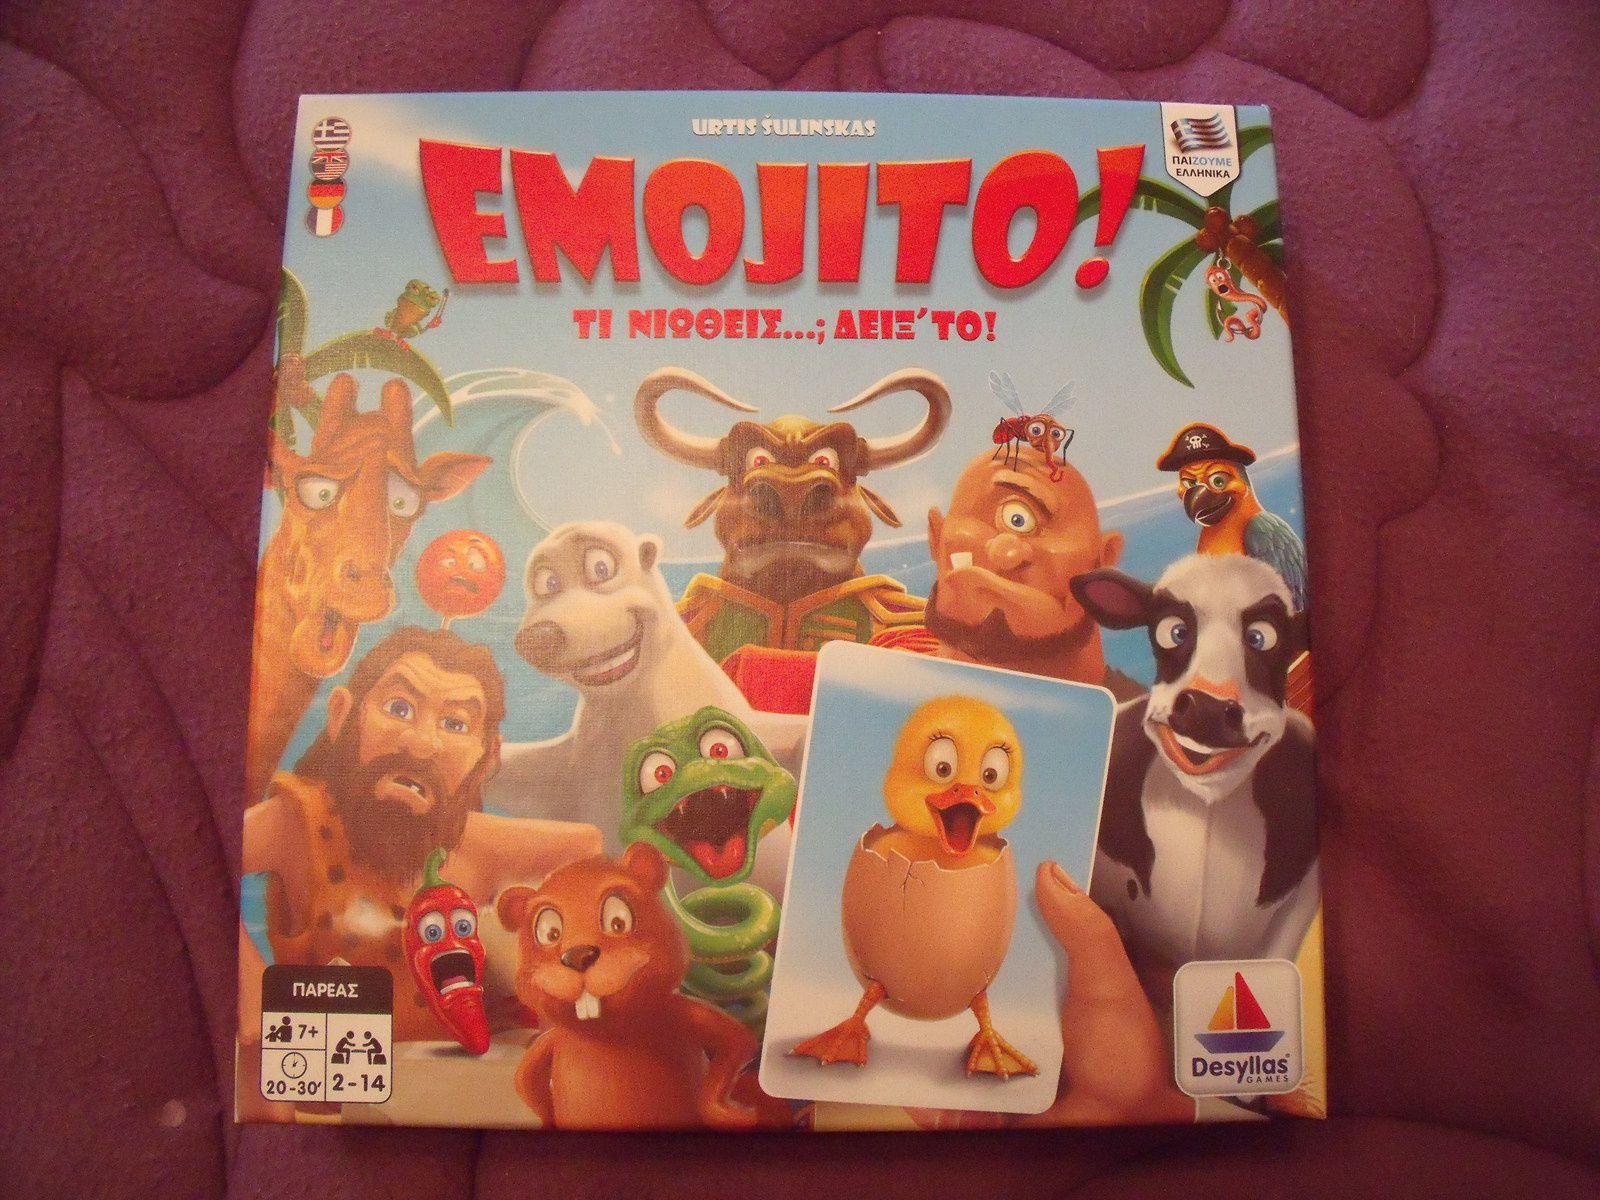 """Le 422e jeu : """"Emojito!"""", avec du texte en grec sur la boîte !"""